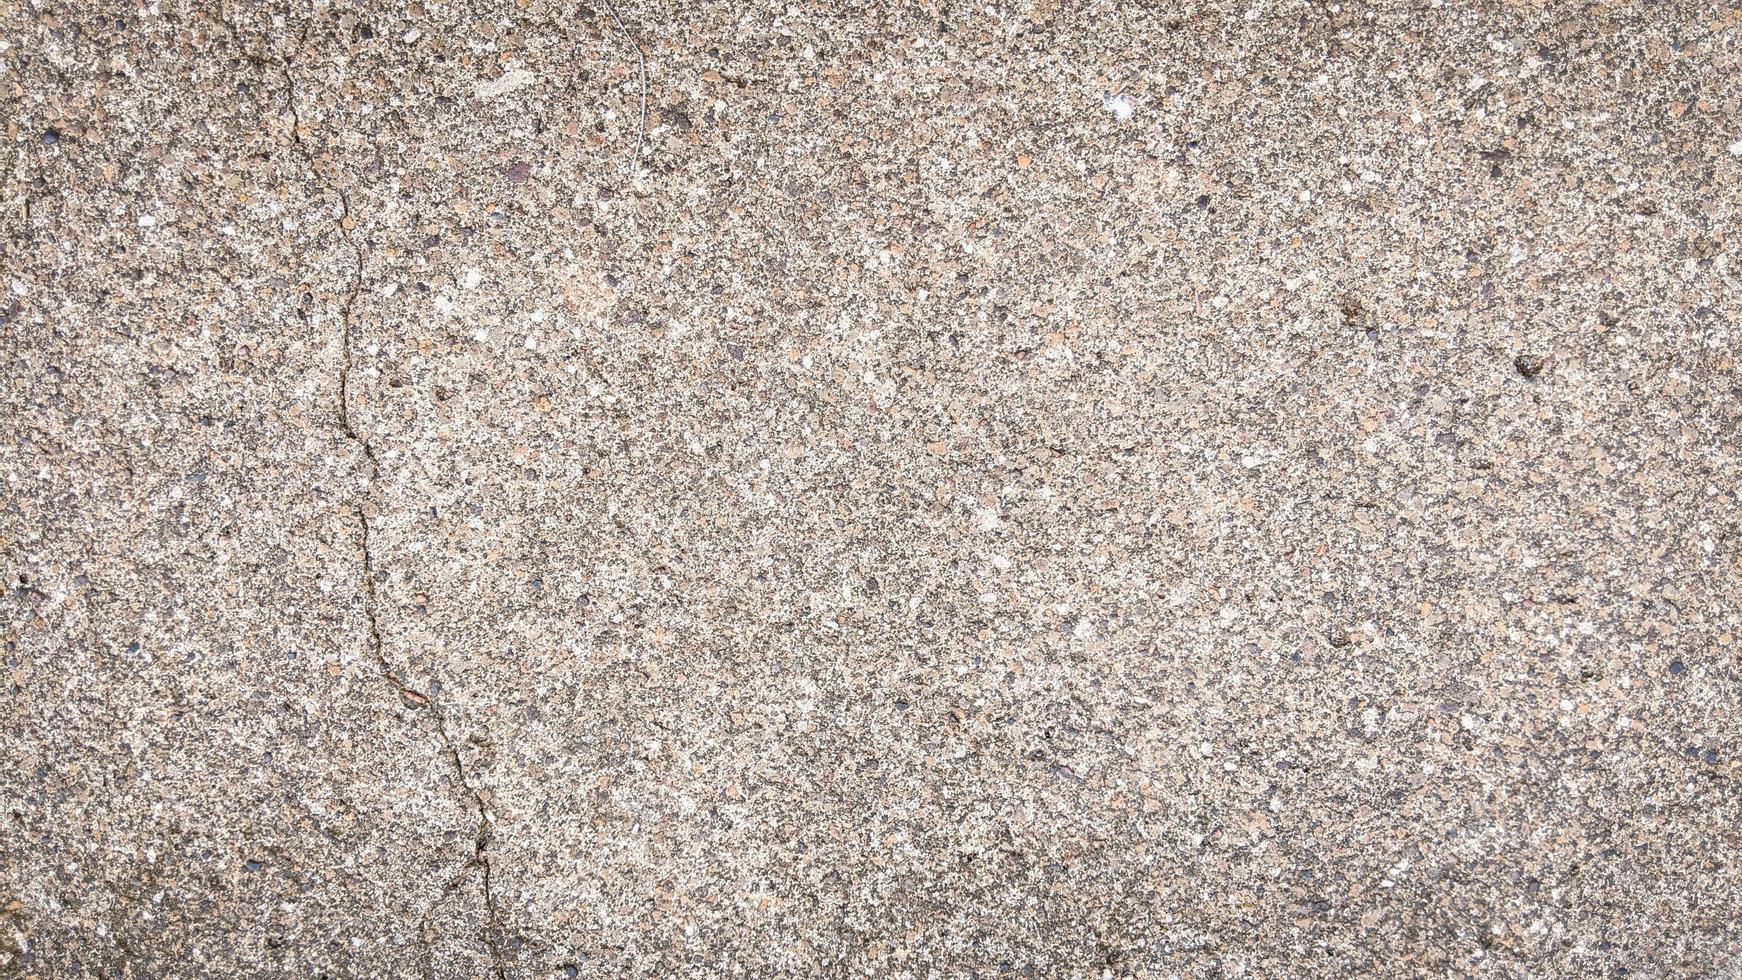 textur bakgrund av gamla betongvägg foto